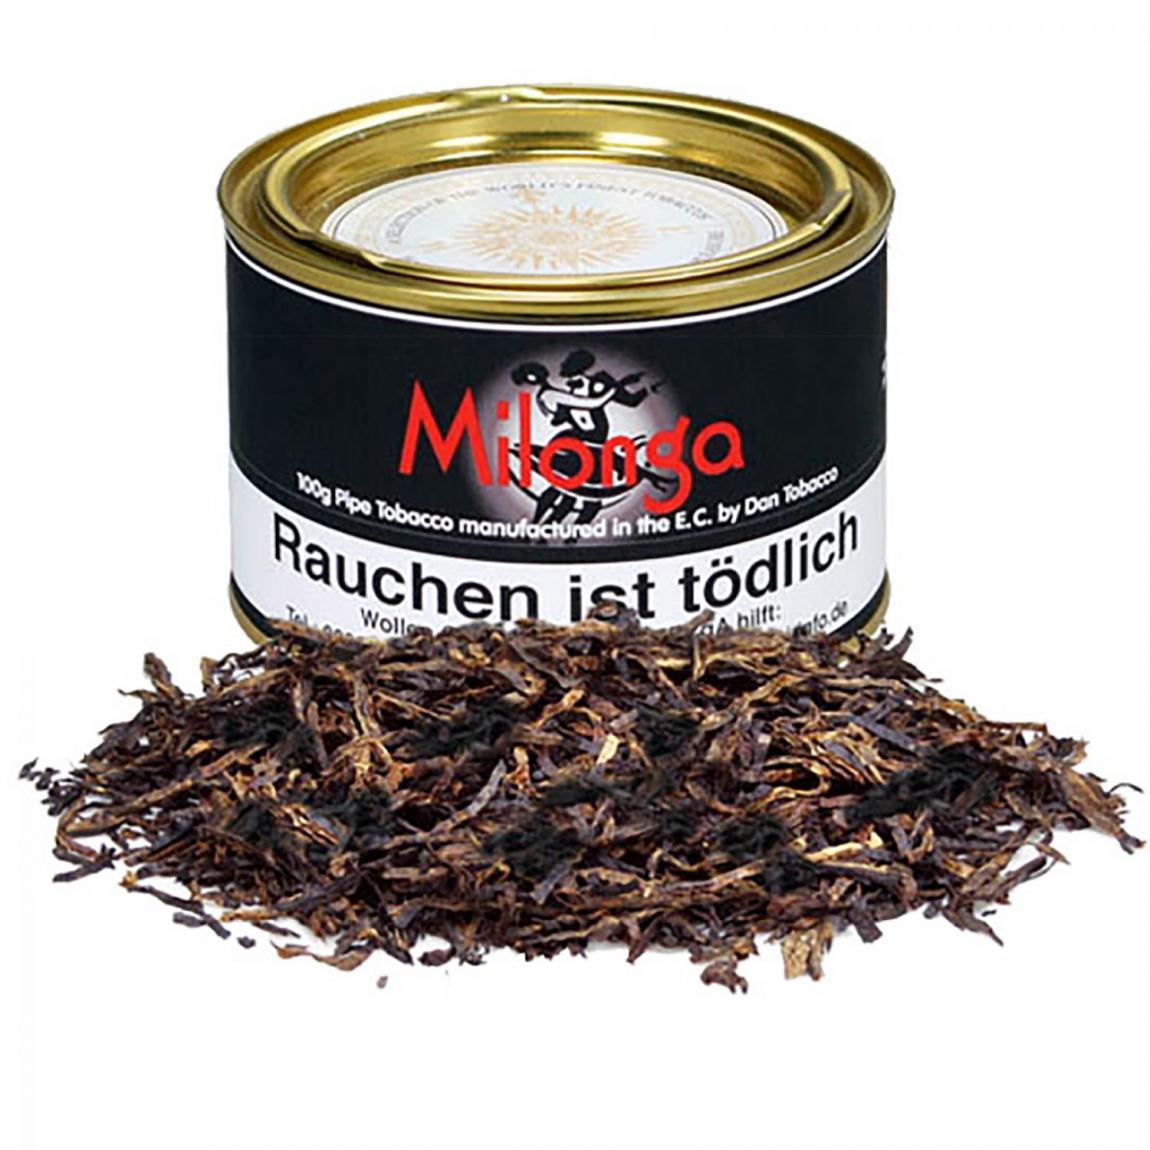 Milonga - sanft sinnlich in Duft & Aroma mit Vanille & Karamell